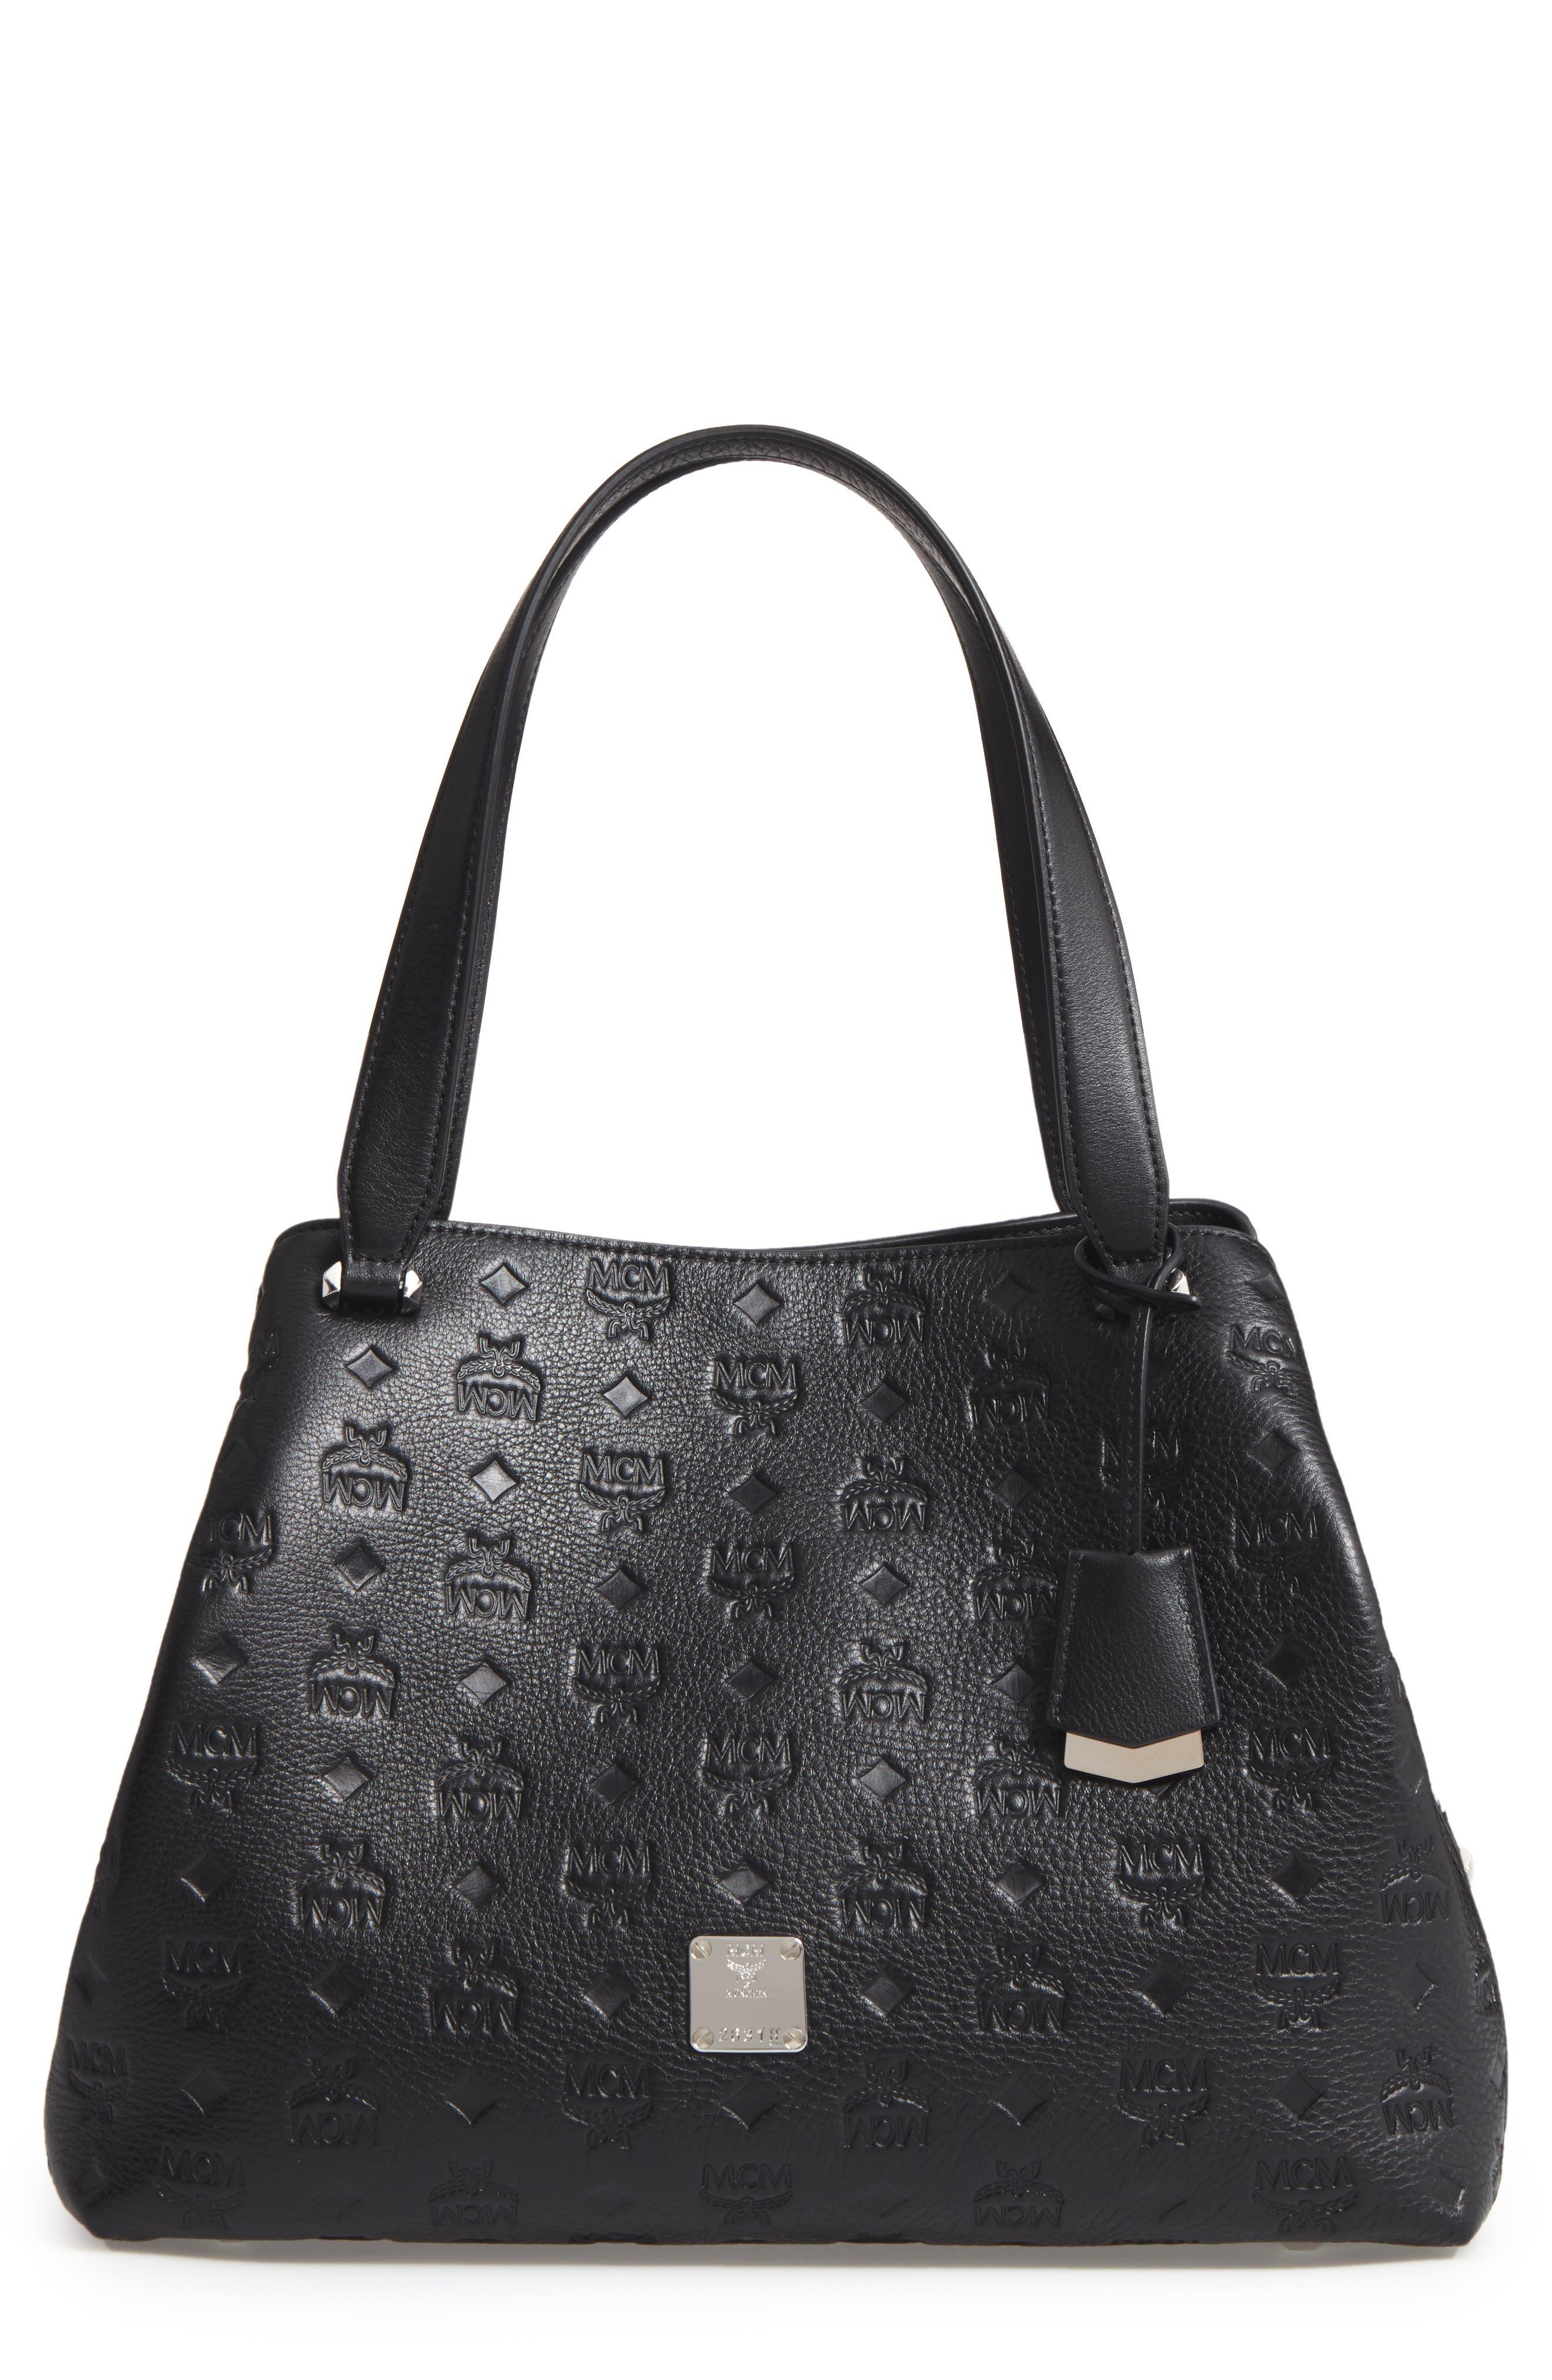 MCM Signature Monogrammed Leather Handbag